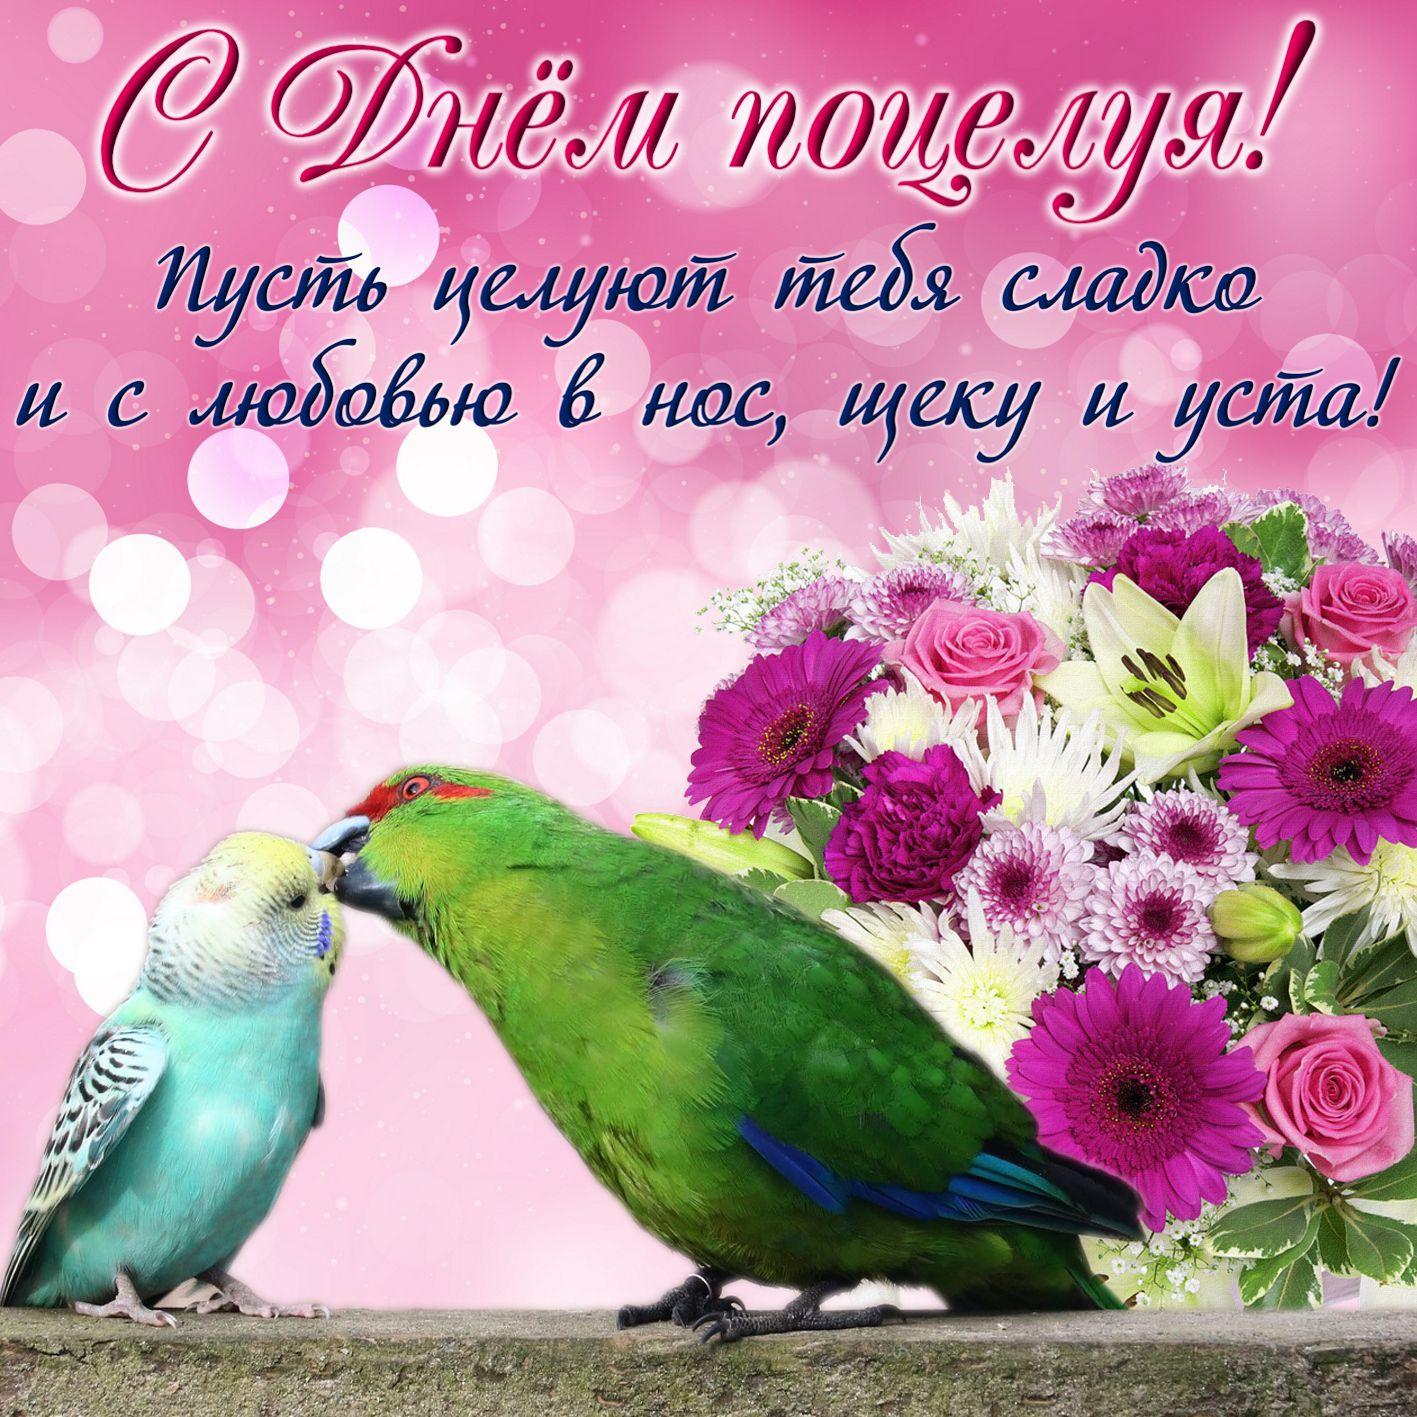 Попугай открытка, открытка